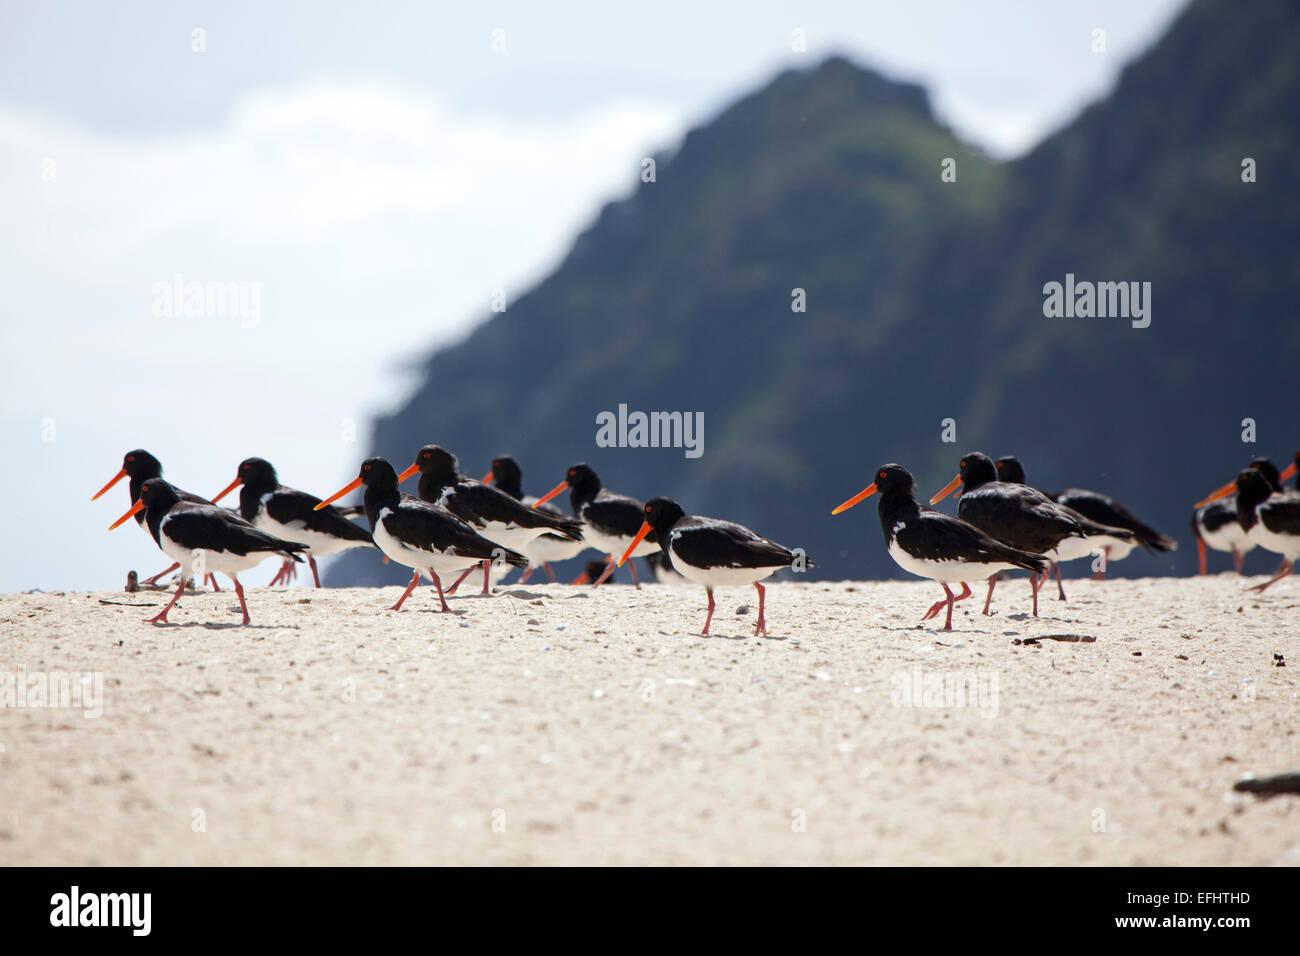 Austernfischer Vögel am Strand mit roten Rechnungen, Awaroa Bucht, Abel Tasman Coastal Track, Great Walks, Stockbild